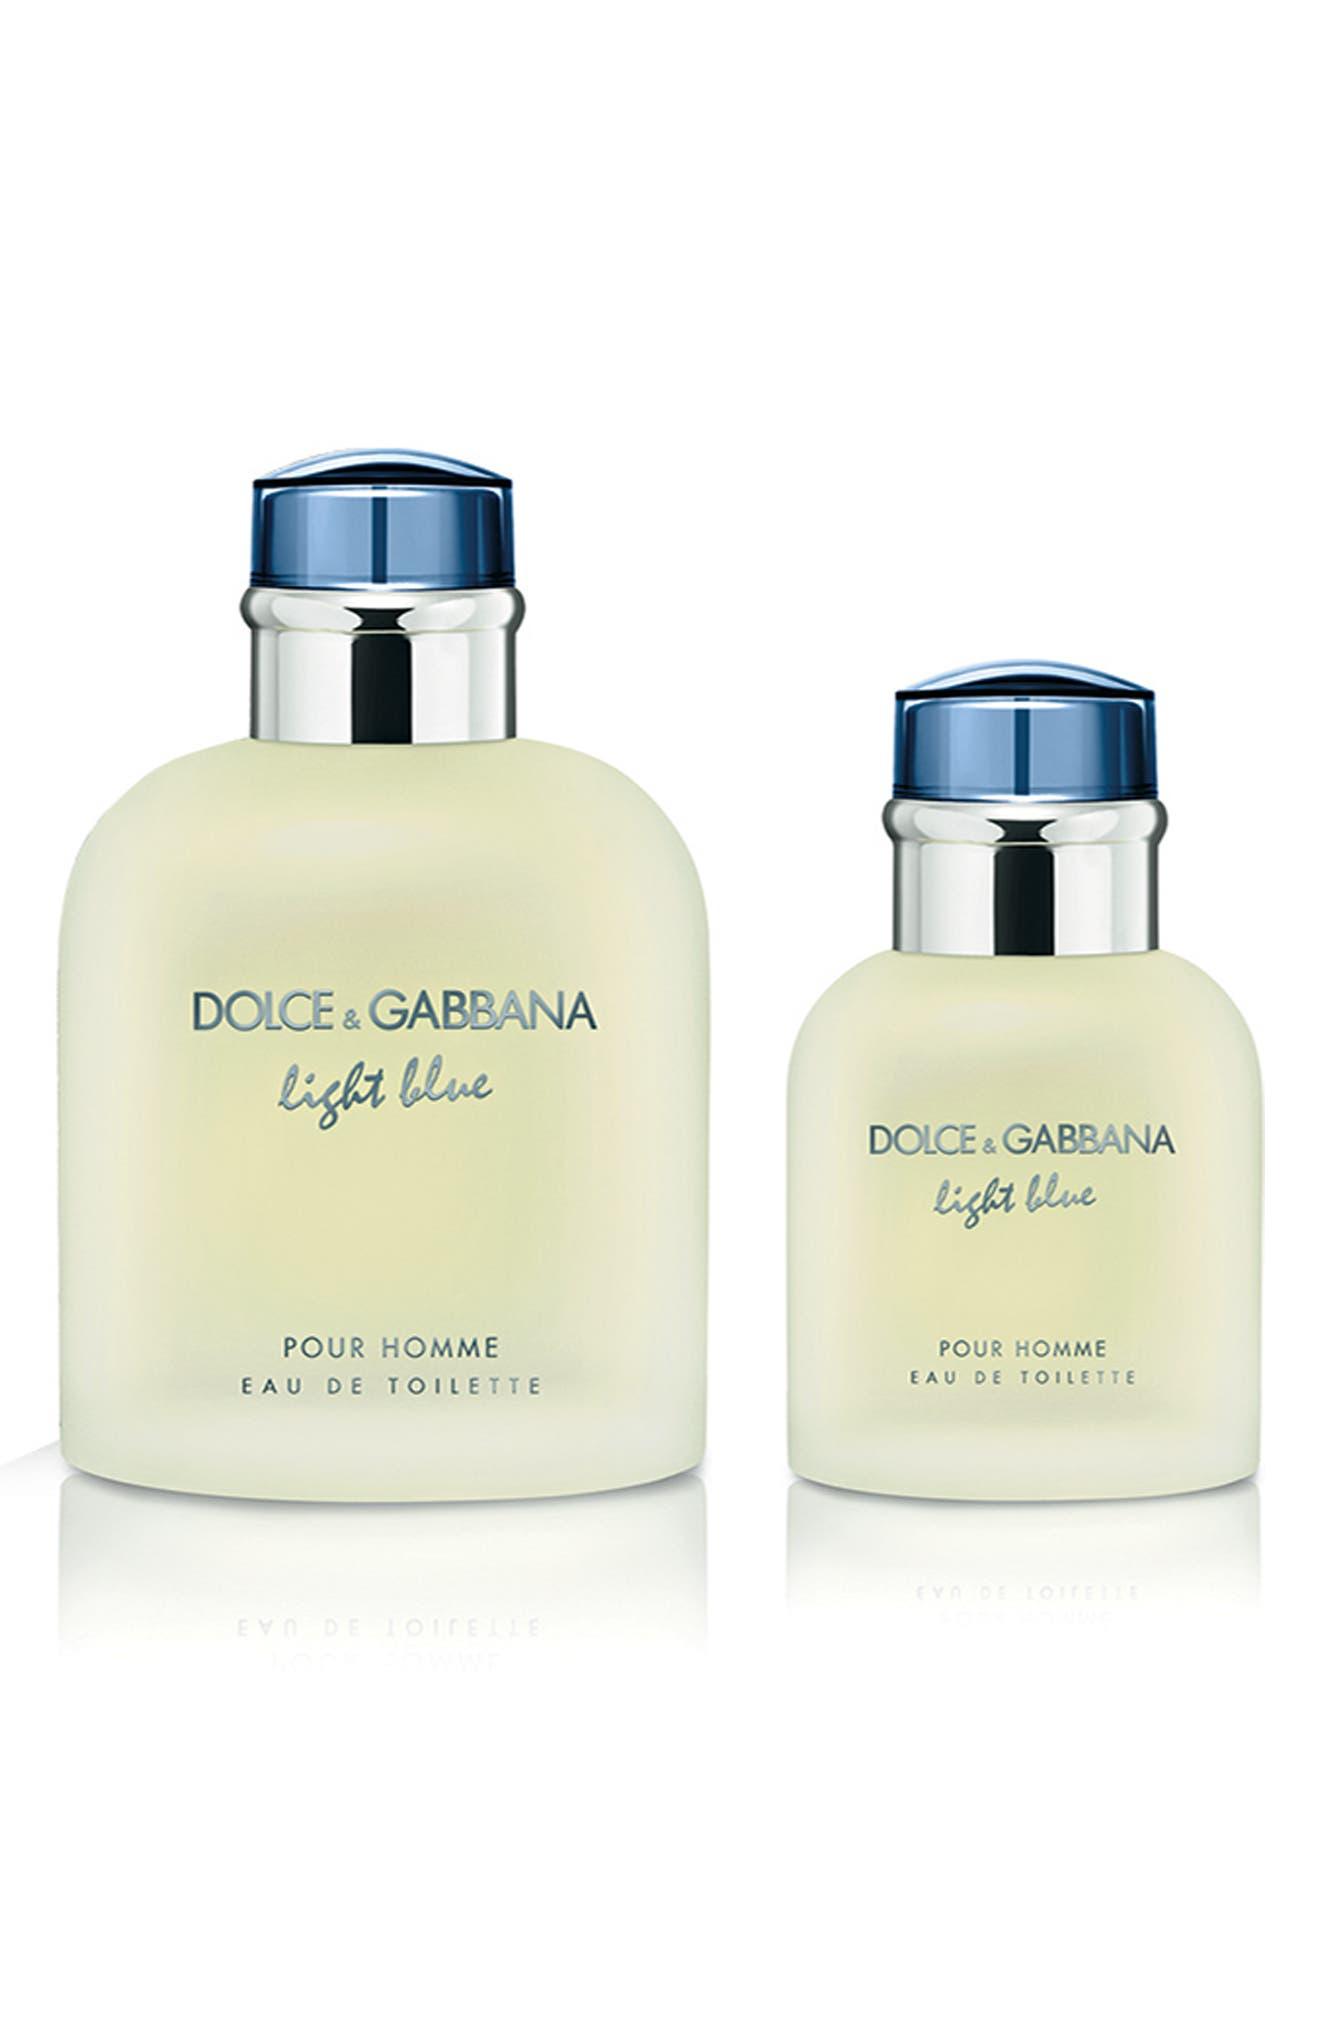 Dolce & gabbana Light Blue Pour Homme Eau De Toilette Set ($143 Value)